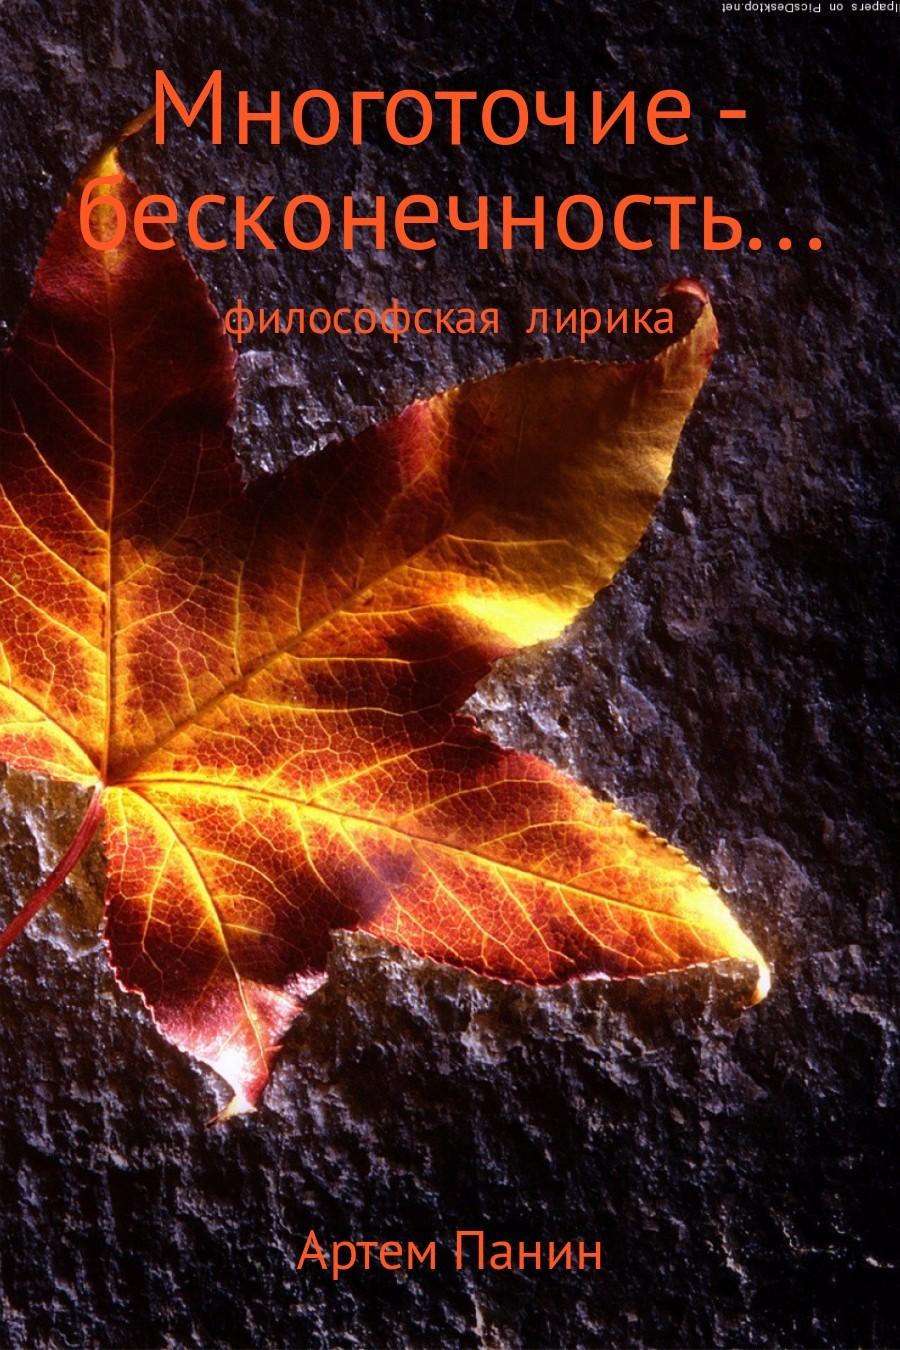 Артем Панин Многоточие – бесконечность . . . татиана северинова унисон лирика религиозная пейзажная философская